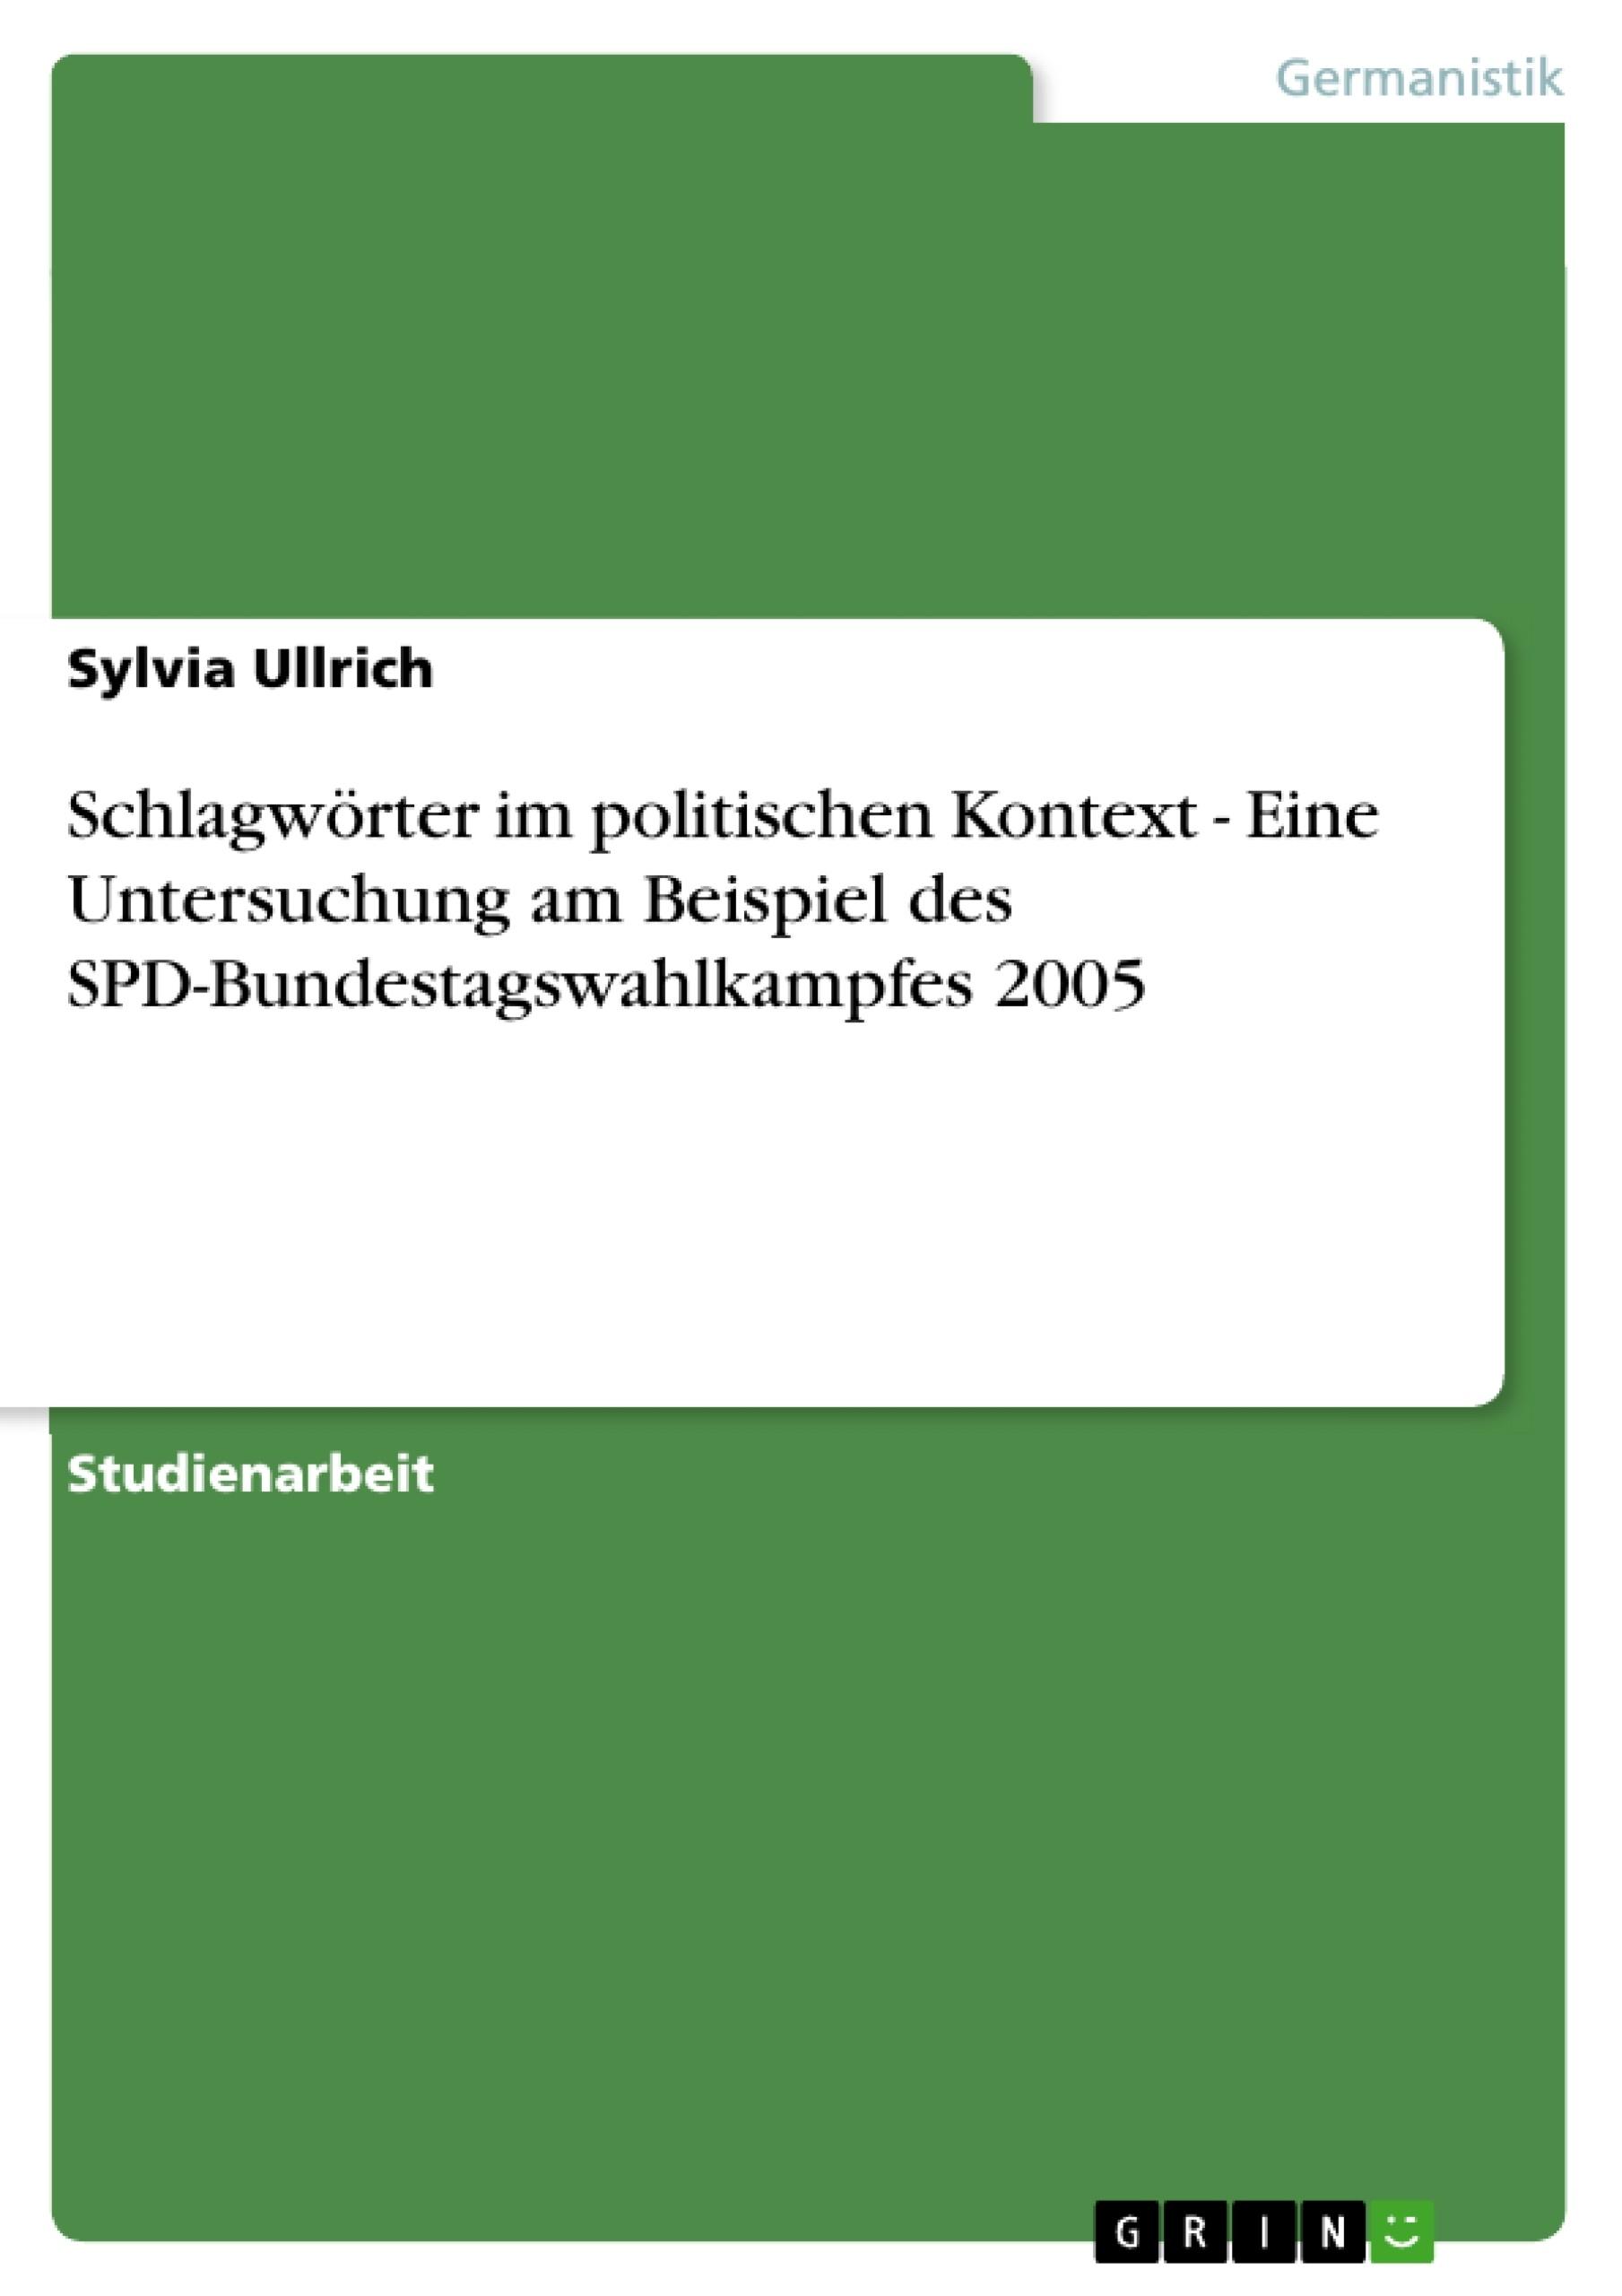 Titel: Schlagwörter im politischen Kontext - Eine Untersuchung am Beispiel des SPD-Bundestagswahlkampfes 2005